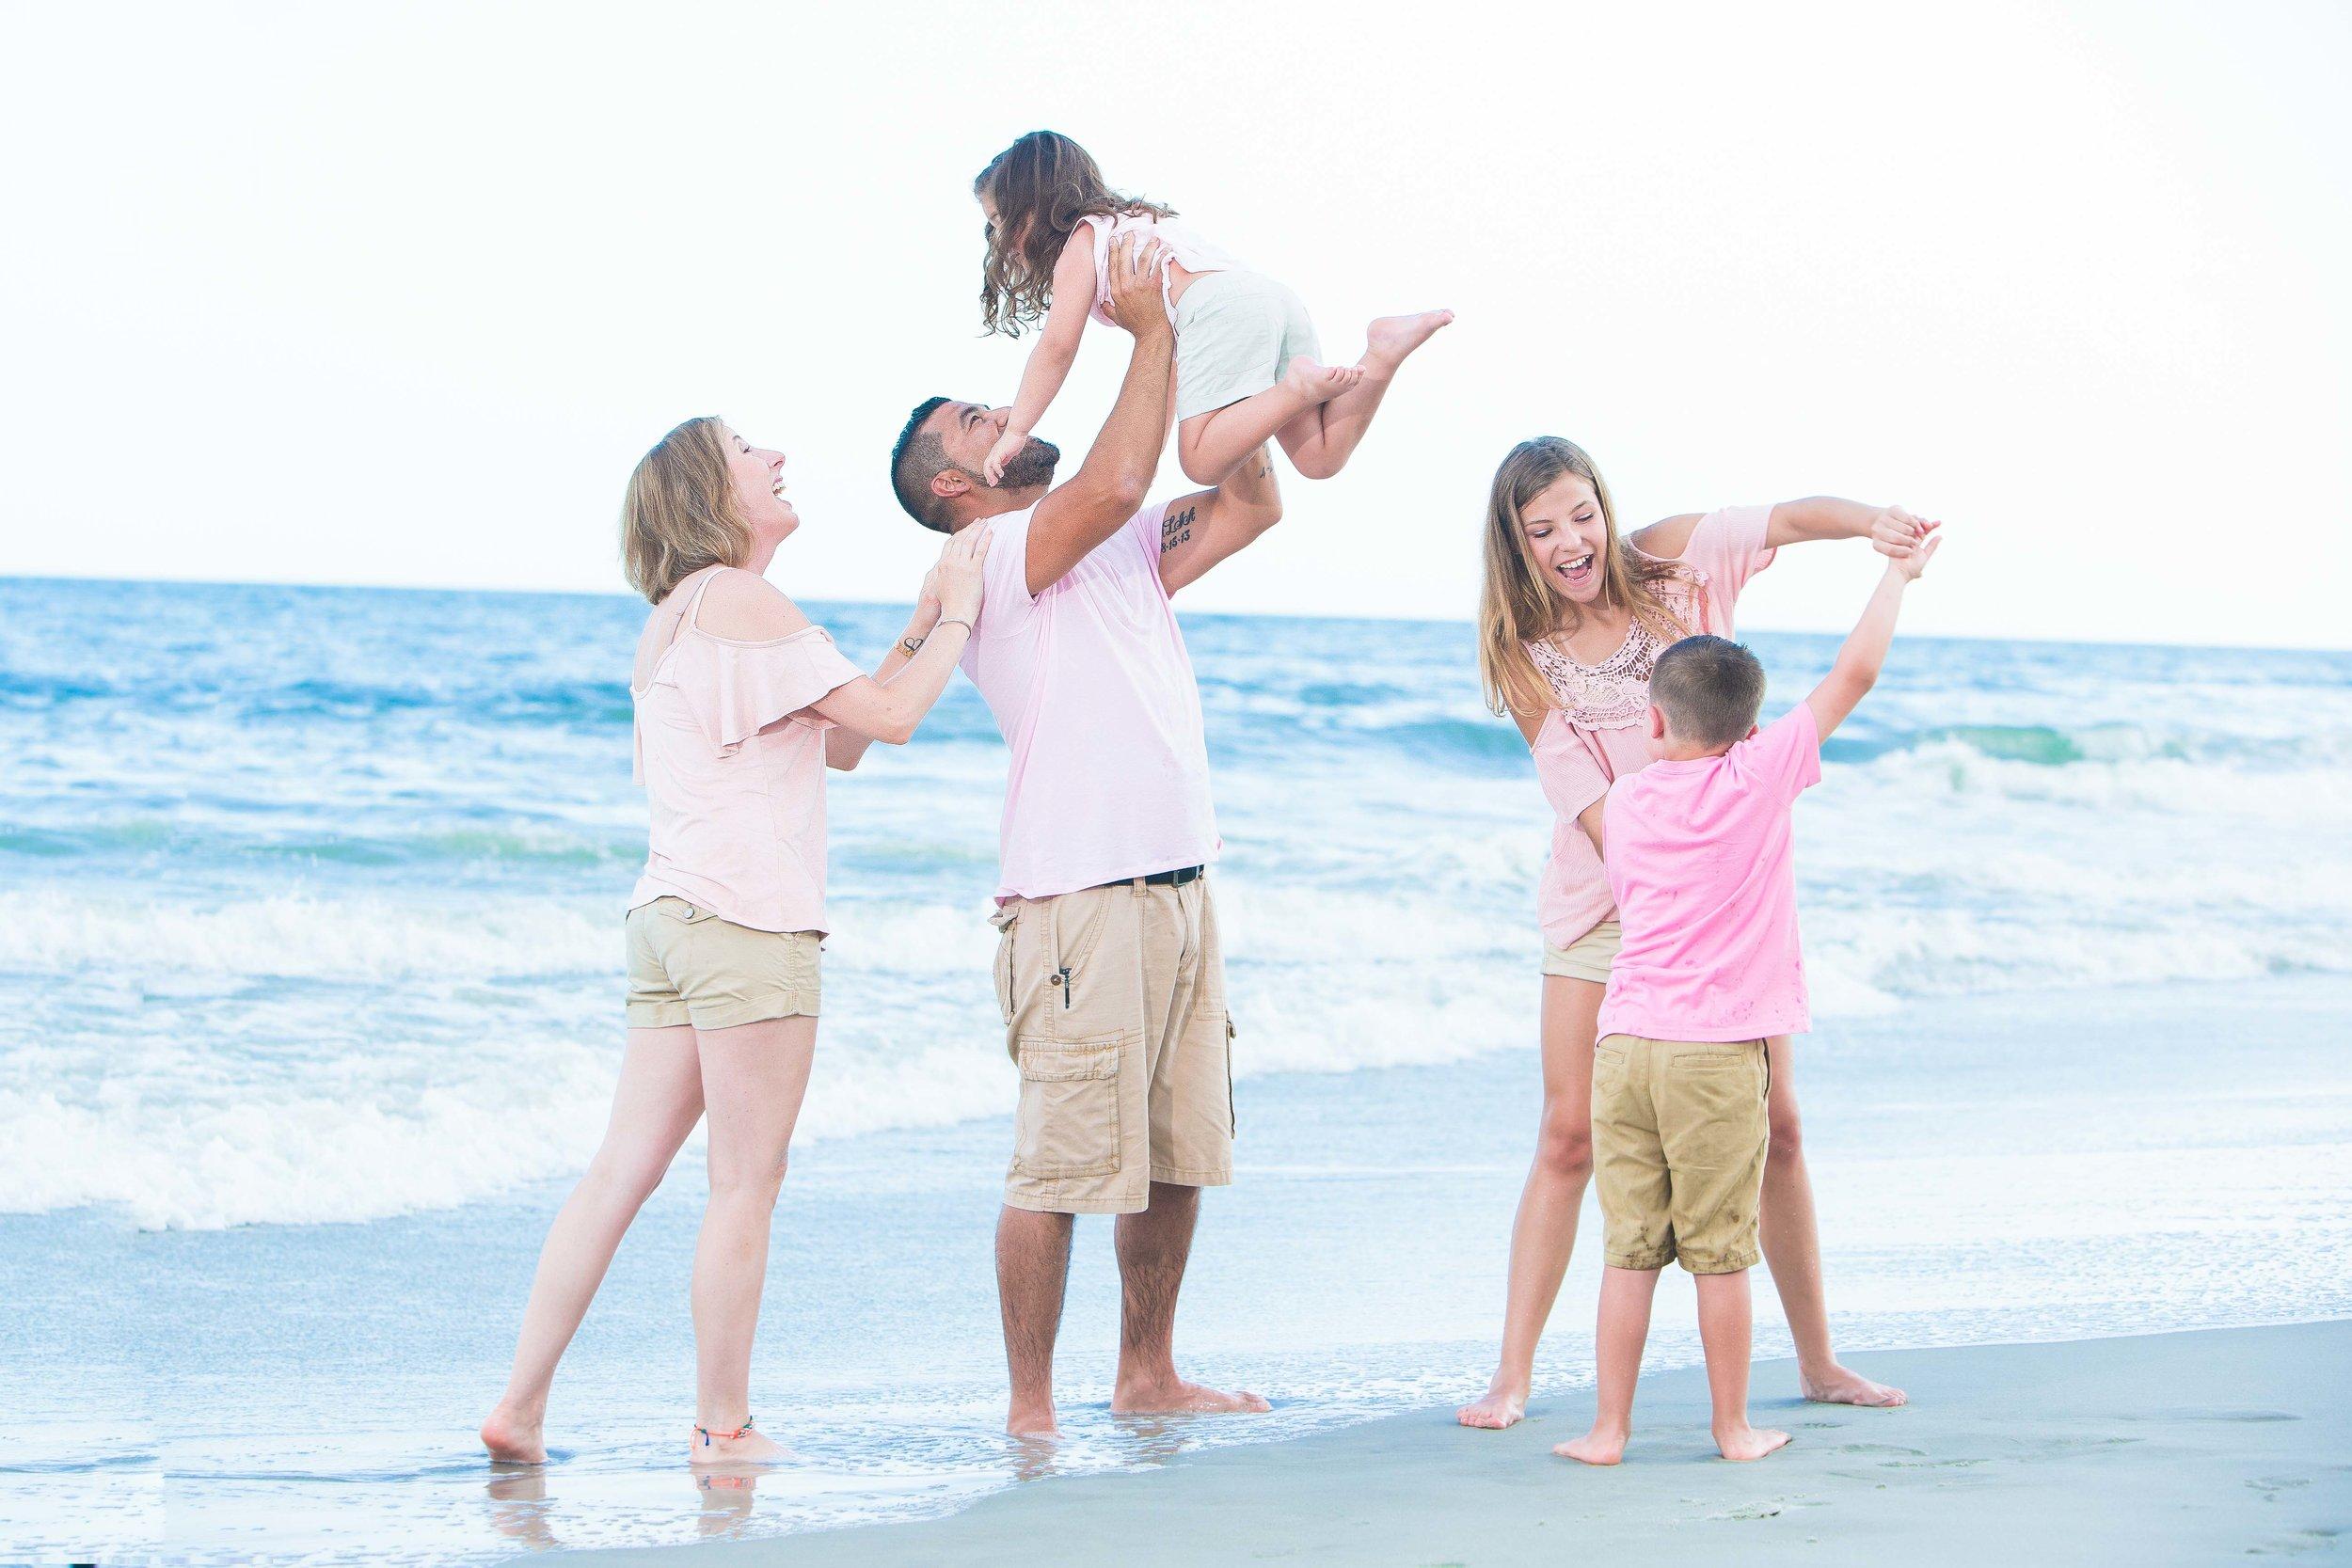 Myrtle beach family photographer ramona nicolae photography beach photos-12.jpg